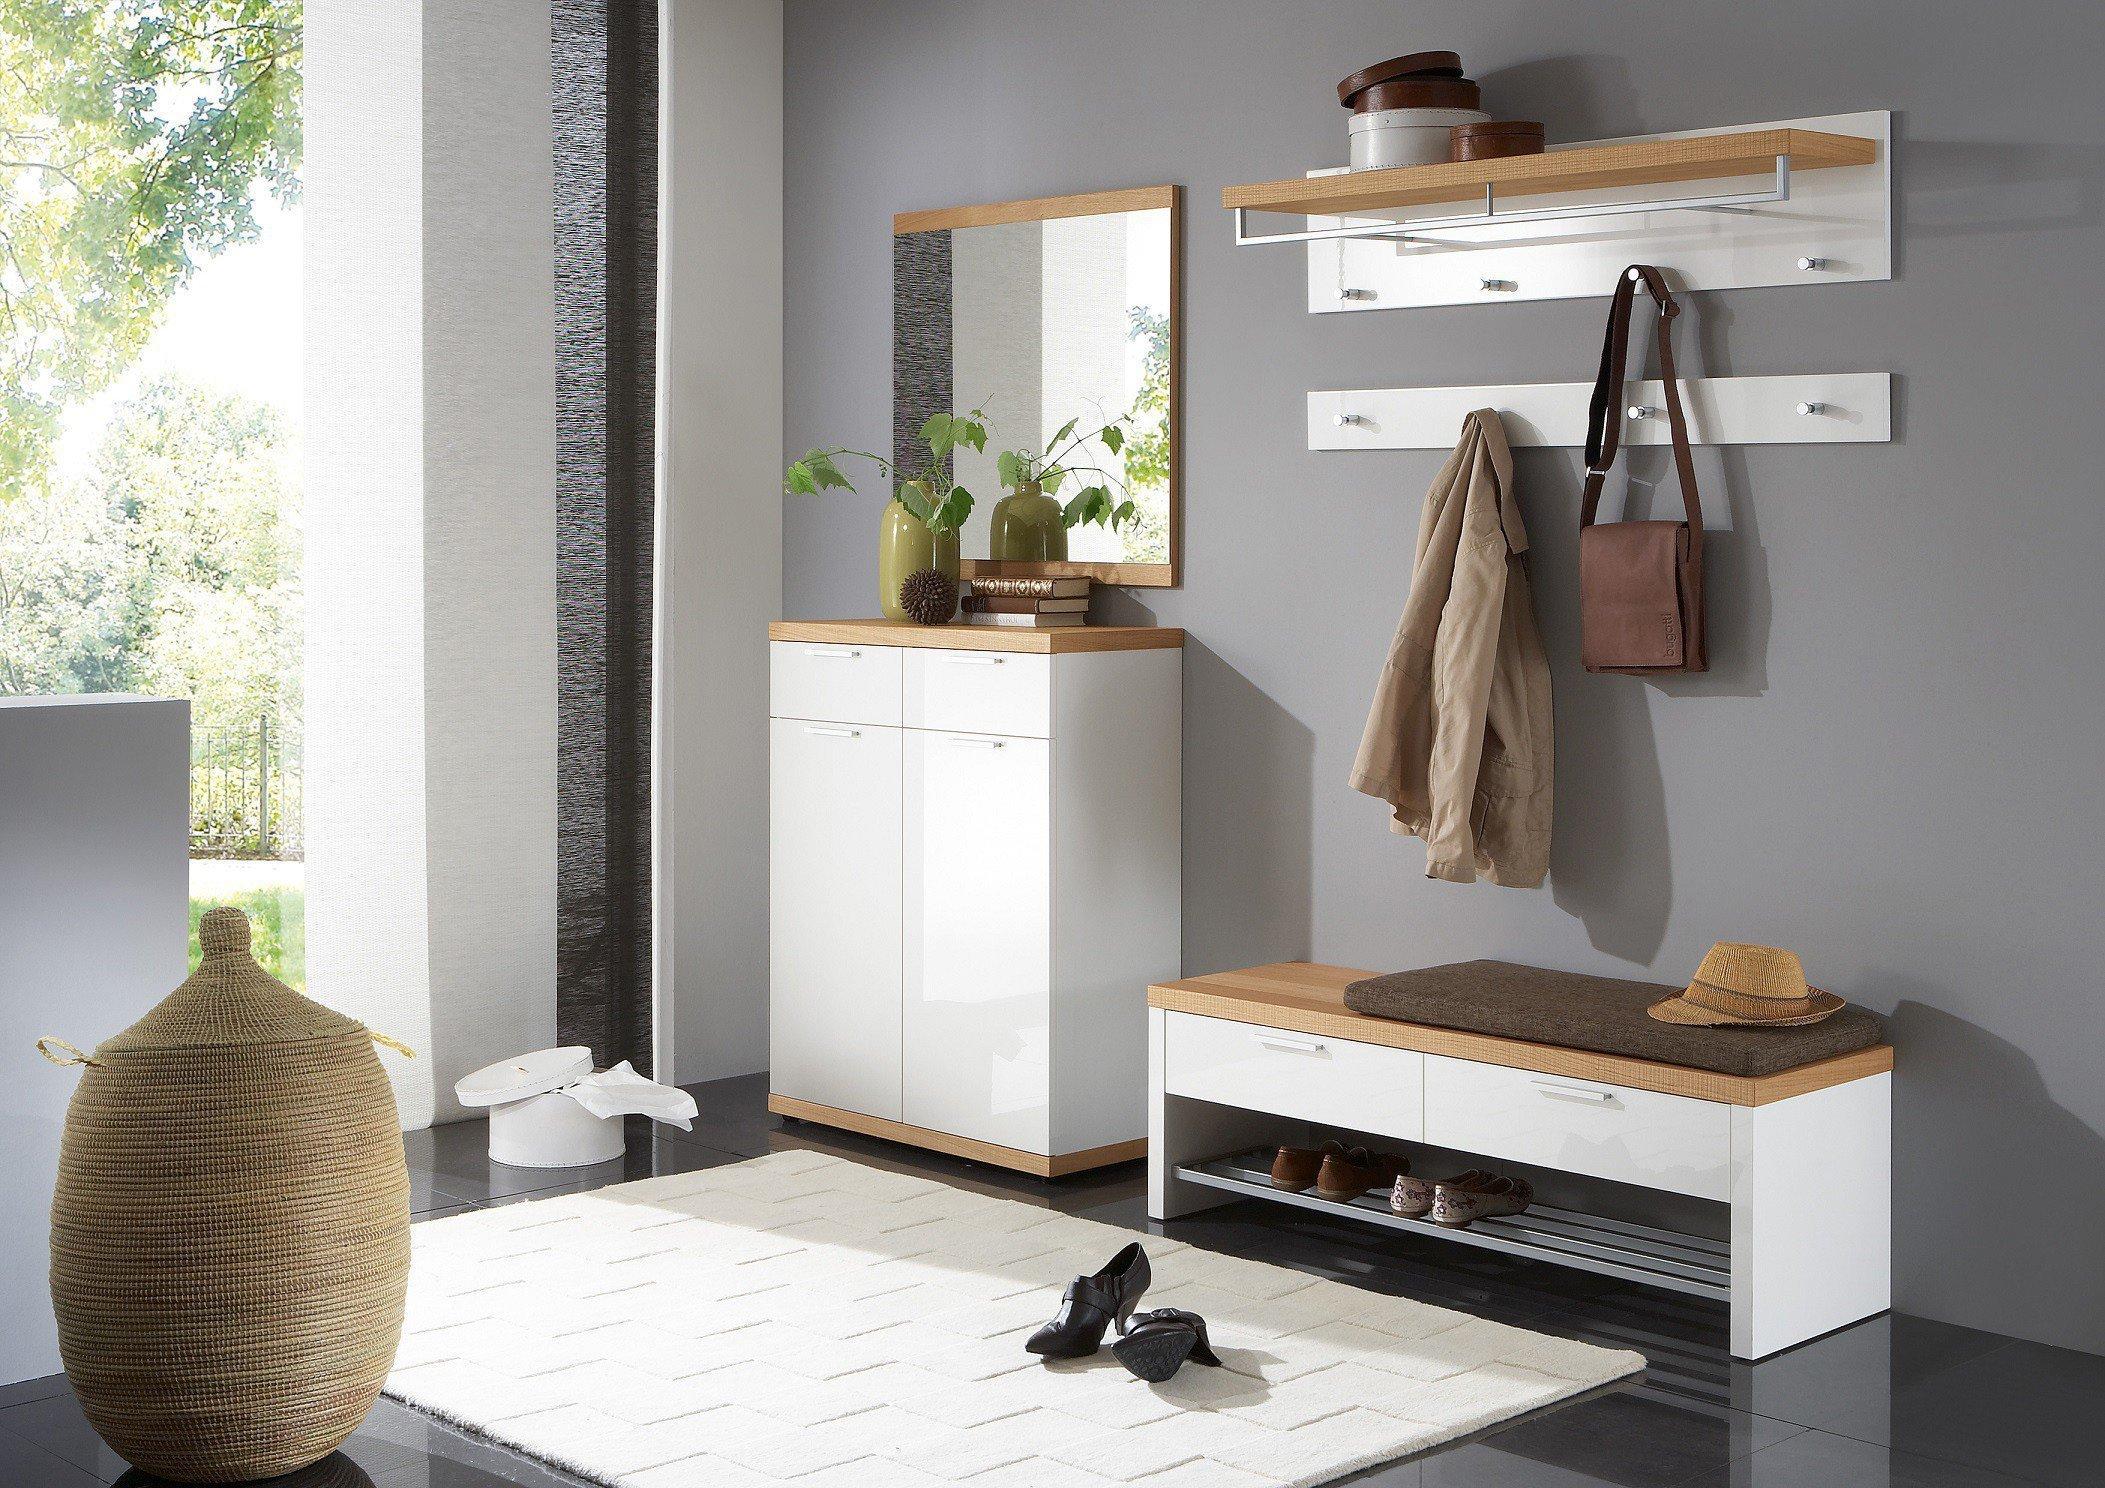 voss garderobe burgos wei hochglanz eiche m bel letz. Black Bedroom Furniture Sets. Home Design Ideas